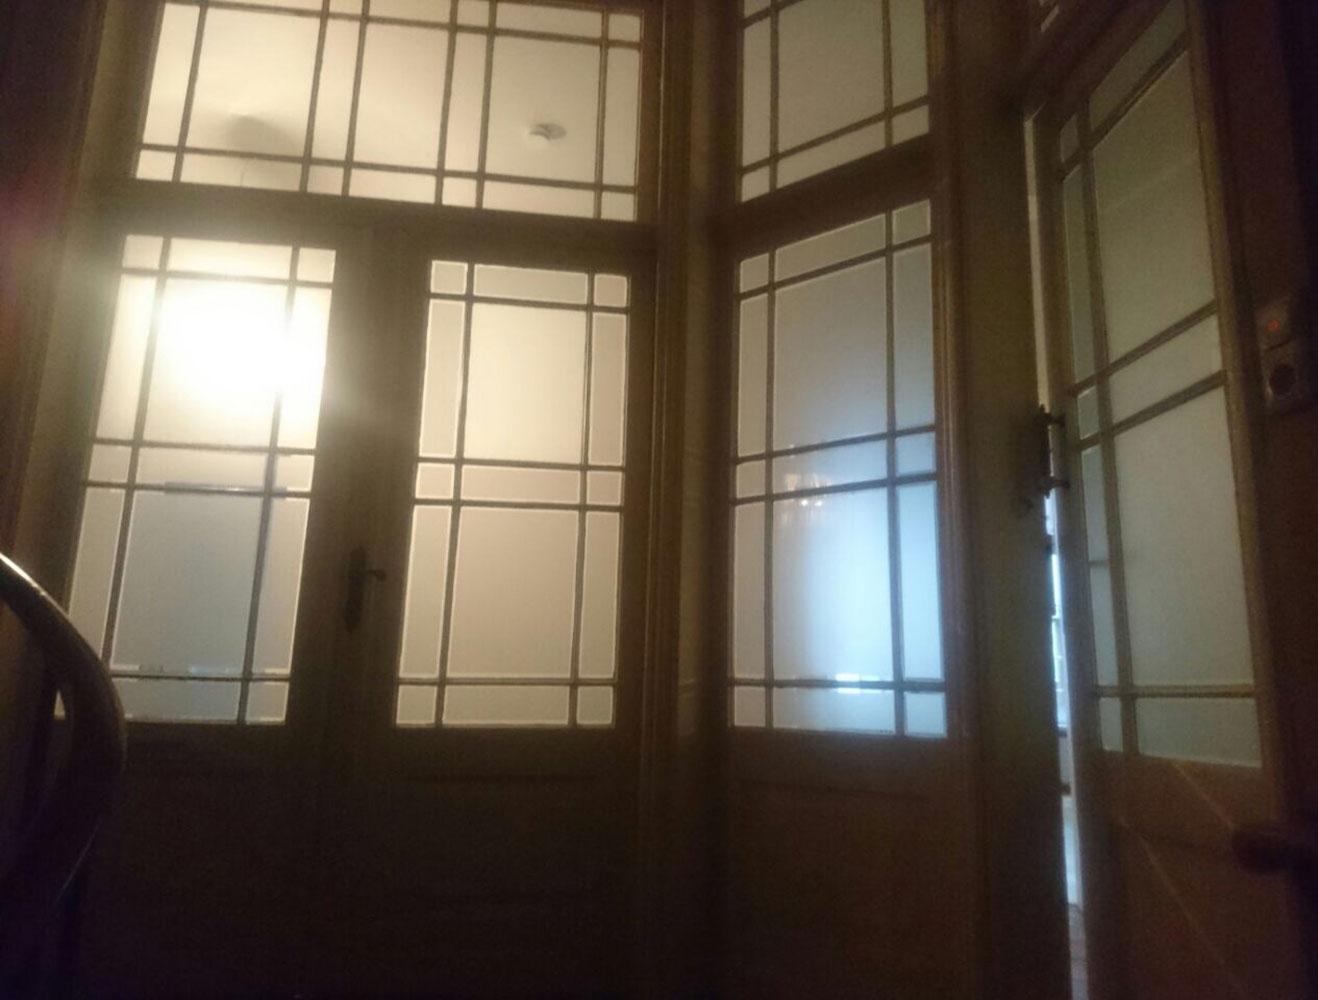 Full Size of Sichtschutzfolien Mit Montage Vor Ort Lorenz Werbung Rc 2 Fenster De Bilder Fürs Wohnzimmer Sichtschutzfolie Dampfreiniger Fliegennetz Velux Ersatzteile Fenster Sichtschutzfolie Für Fenster